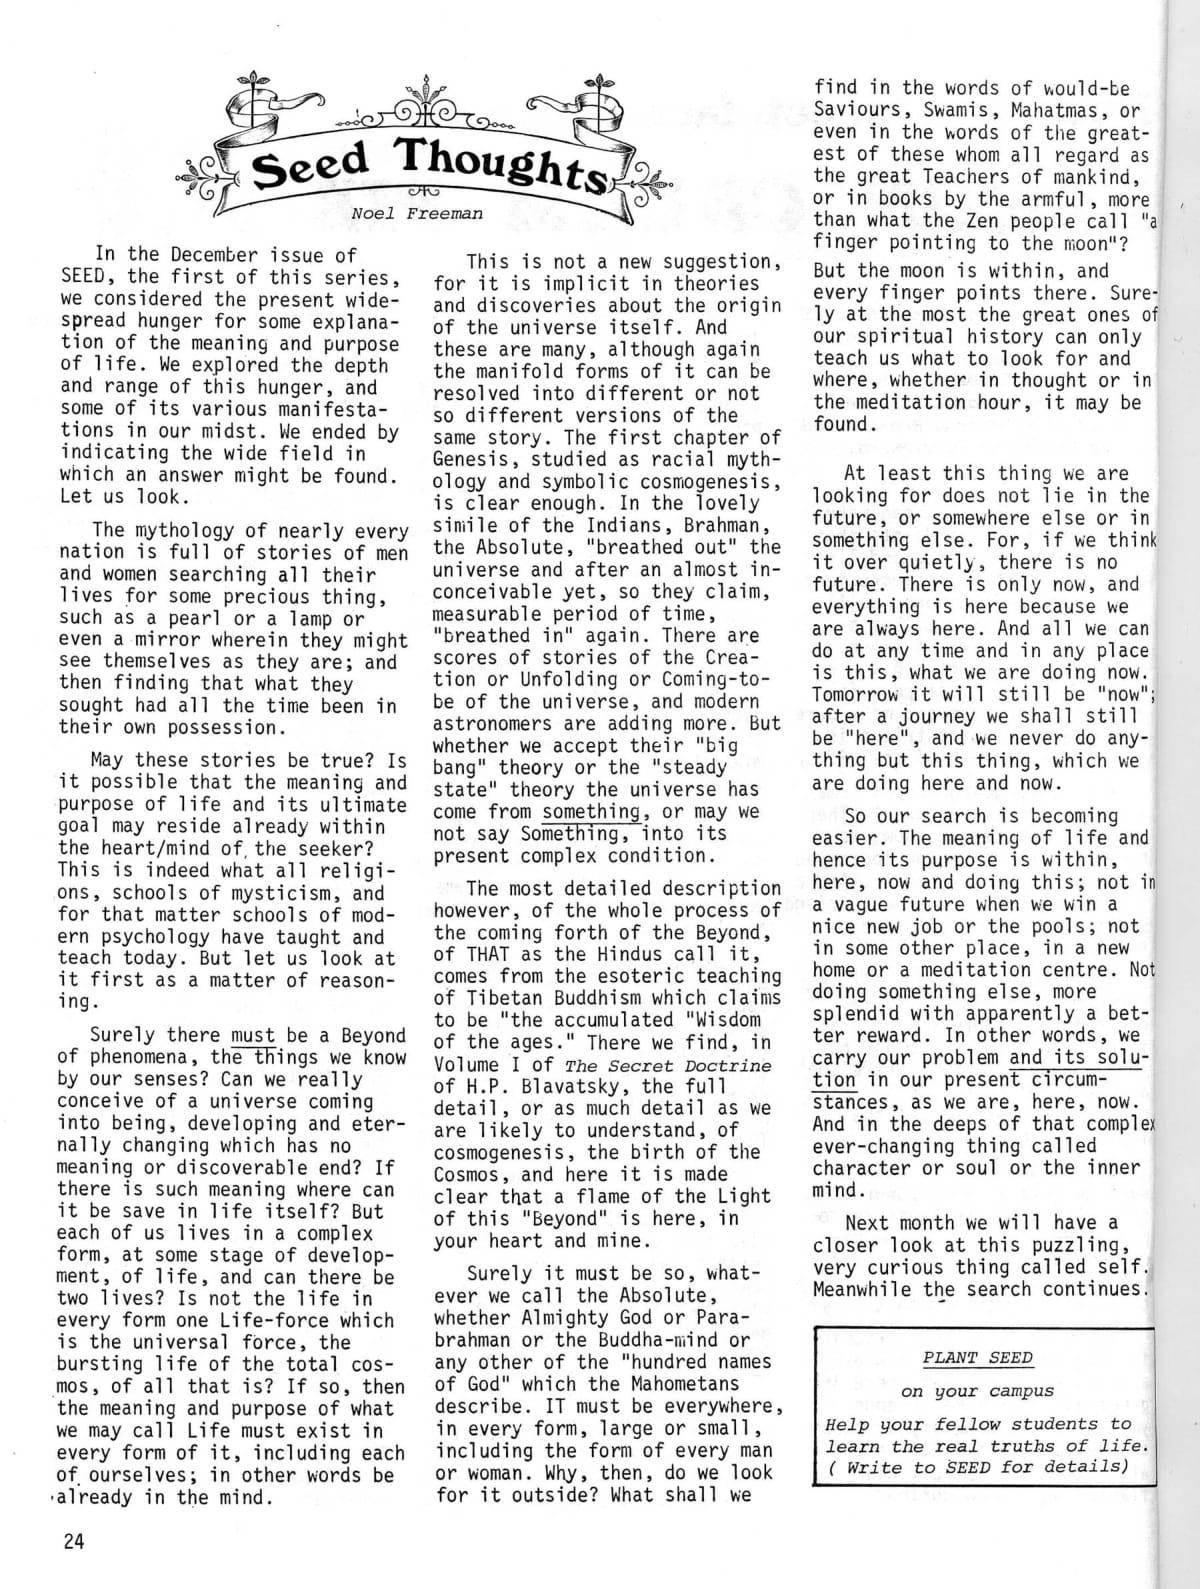 seed-v2-n2-feb1973-24.jpg